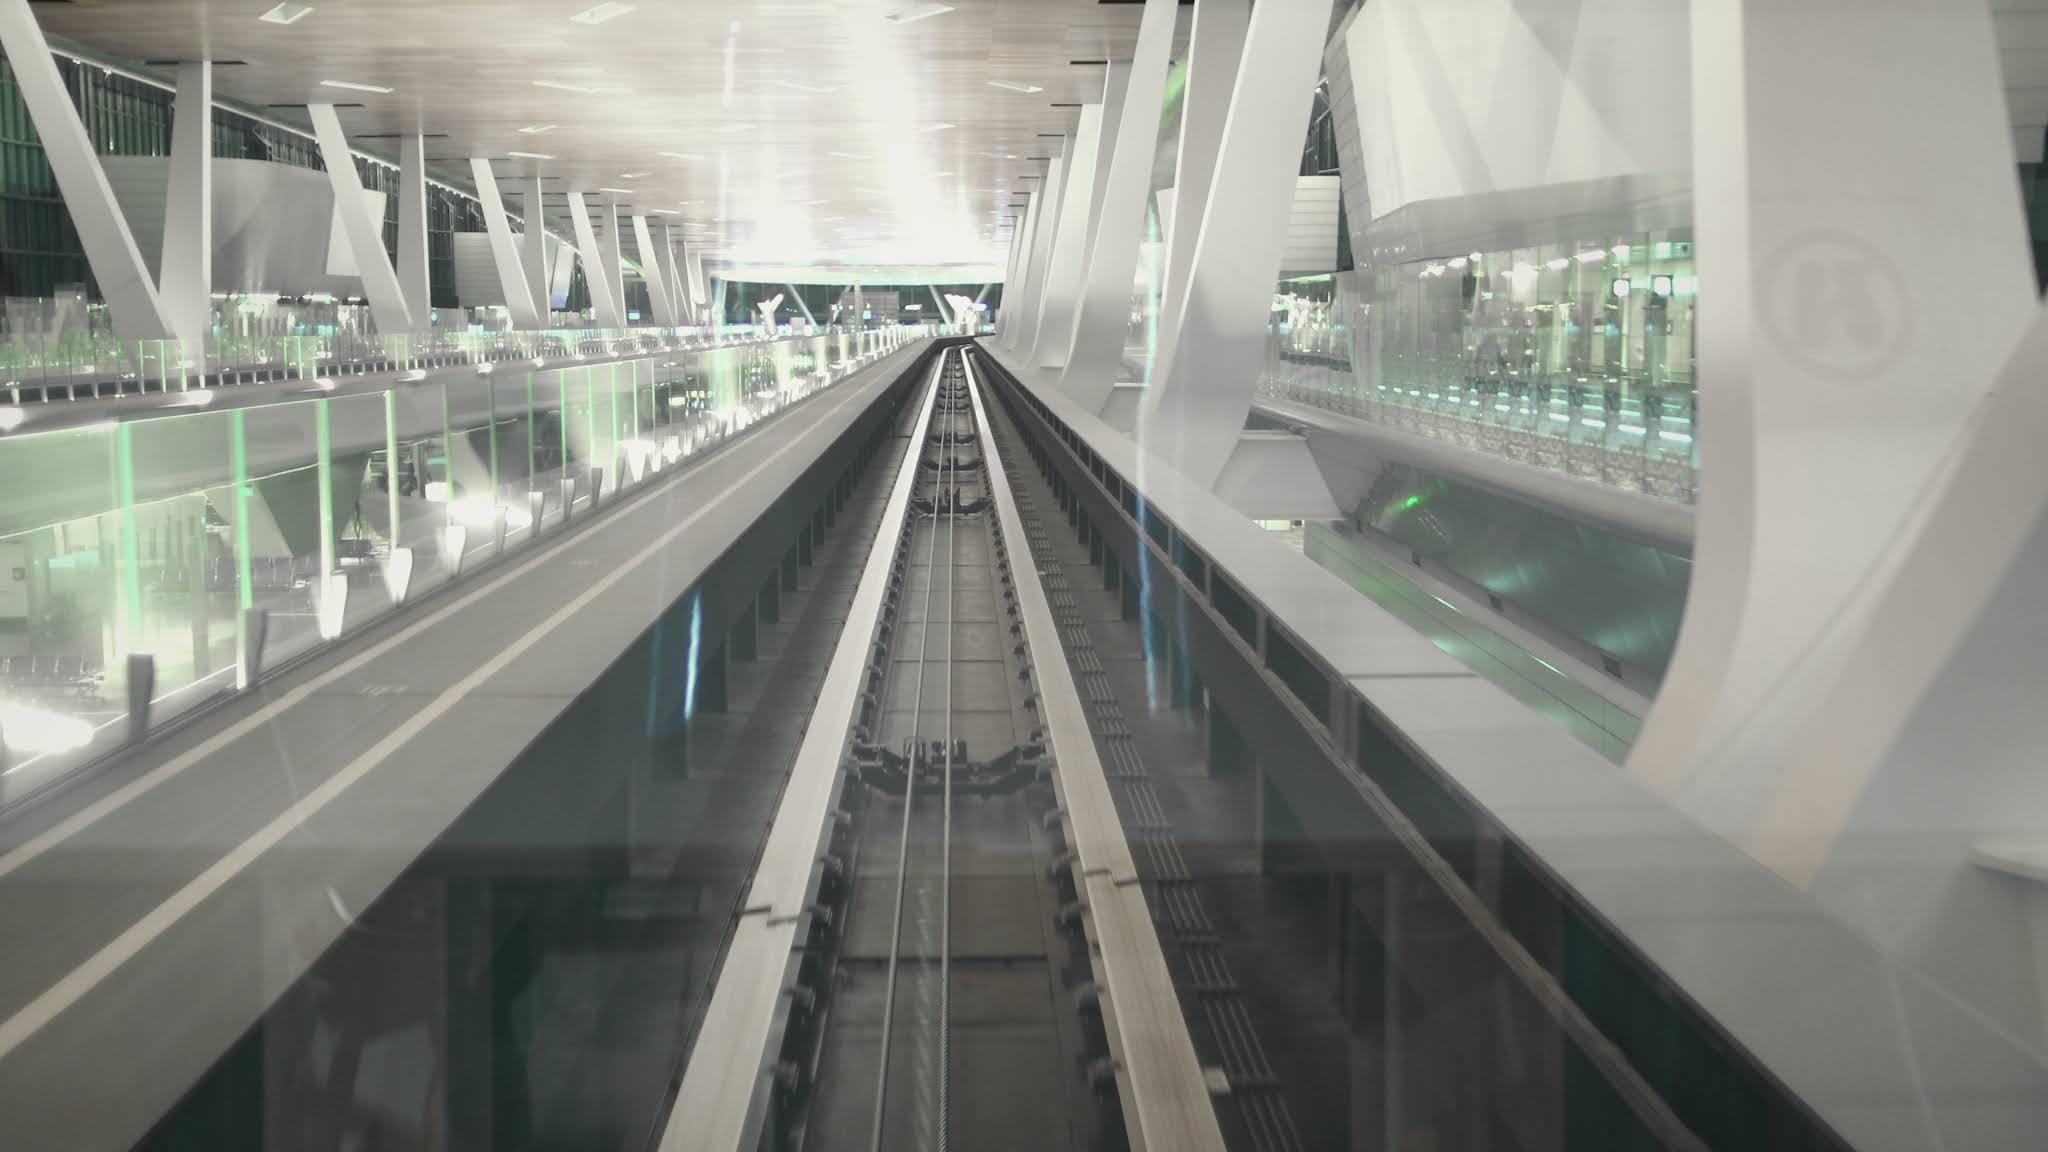 شركة الاتحاد للقطارات trains تنجز أهم مرحلة في المشروع